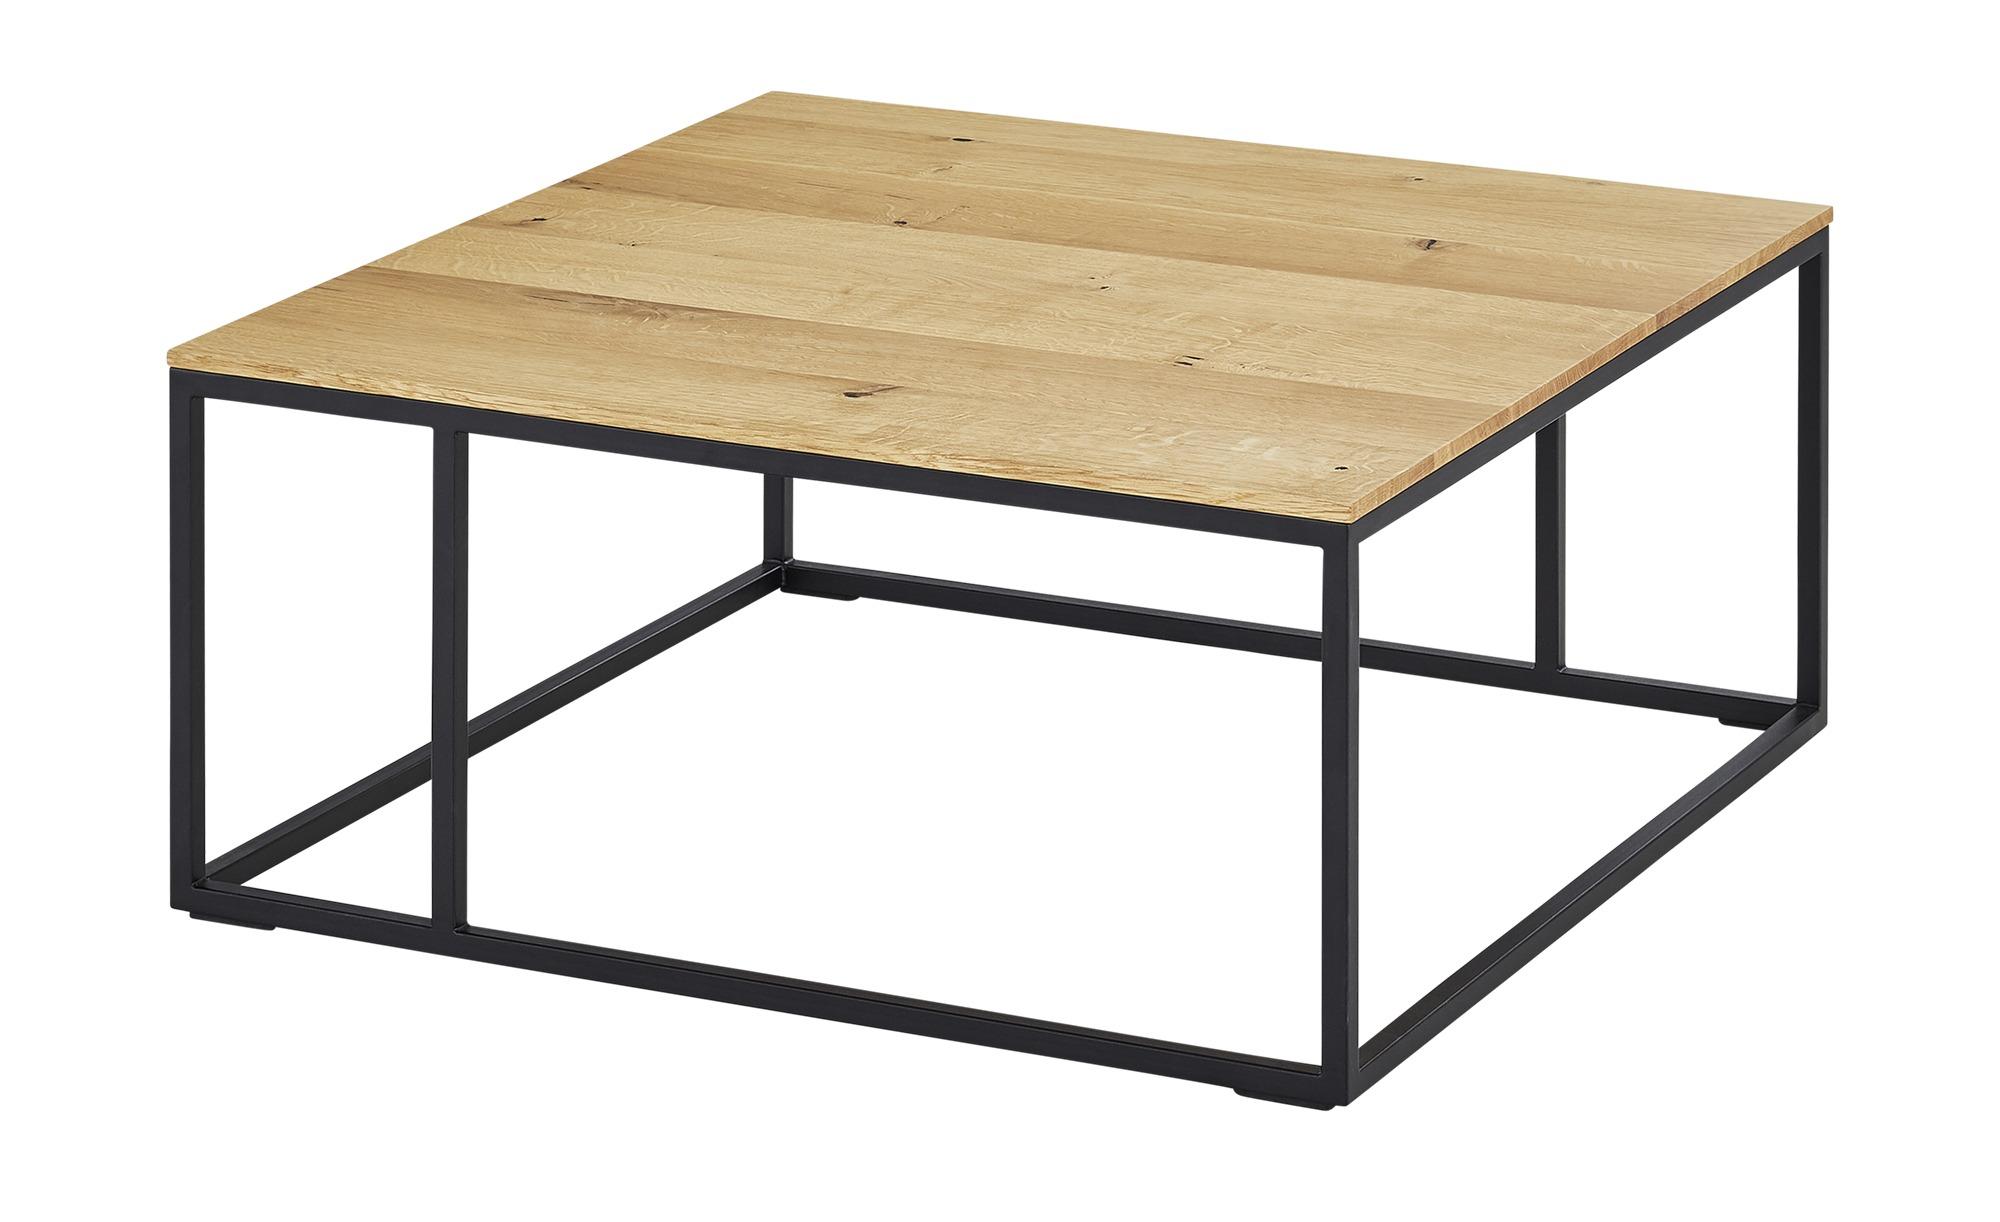 Musterring Couchtisch  Nela ¦ Maße (cm): B: 70 H: 32 T: 70 Tische > Couchtische > Couchtisch Massivholz - Höffner